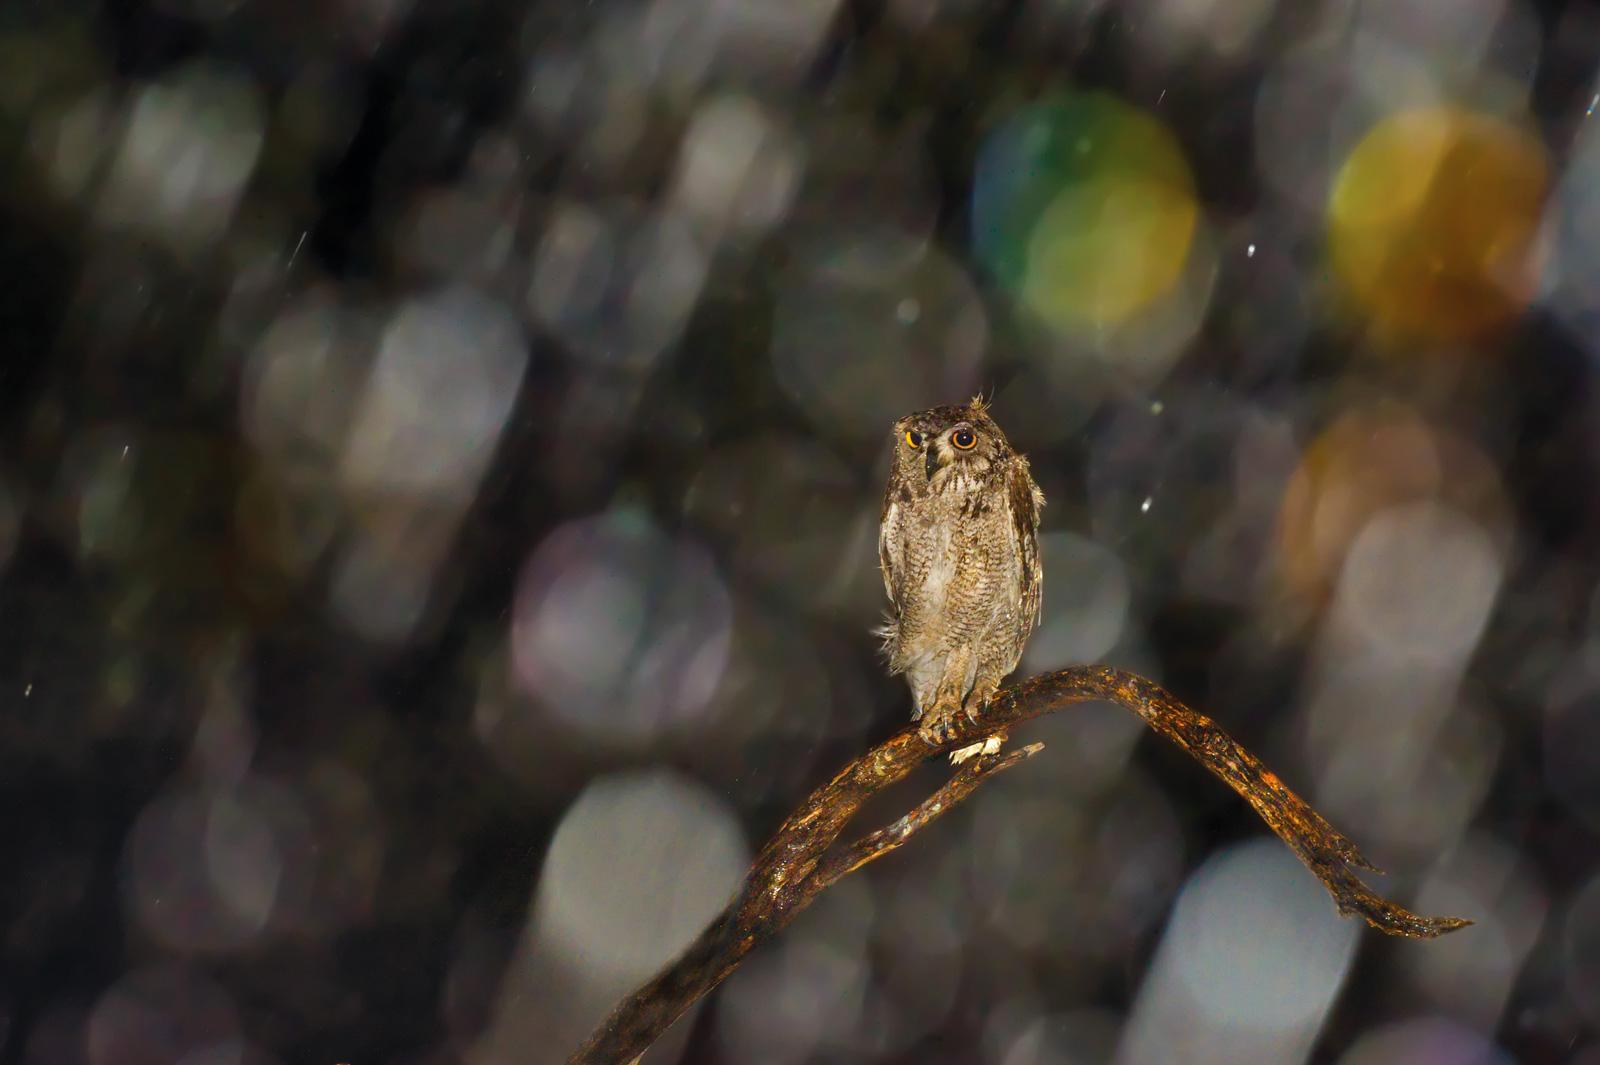 Hannes-Lochner-Kalahari-spotted-eagle-owl